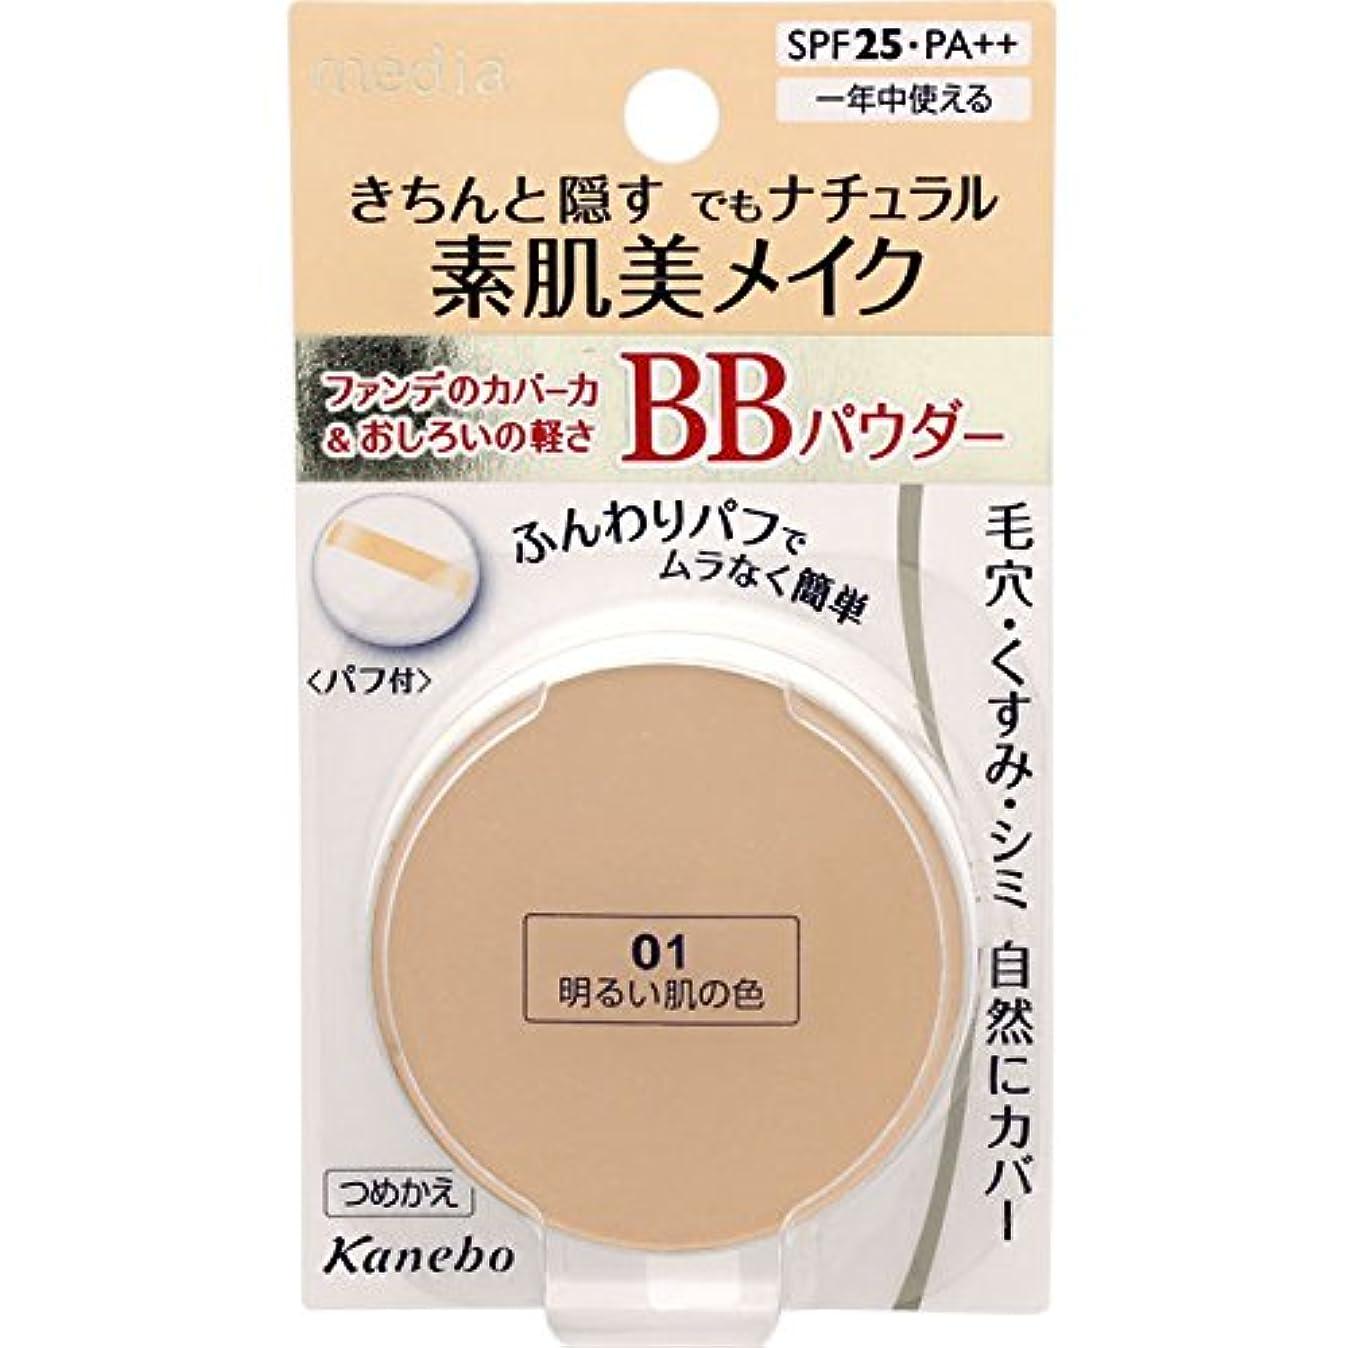 精査うねる飛び込むメディアBBパウダー01(明るい肌の色)×3